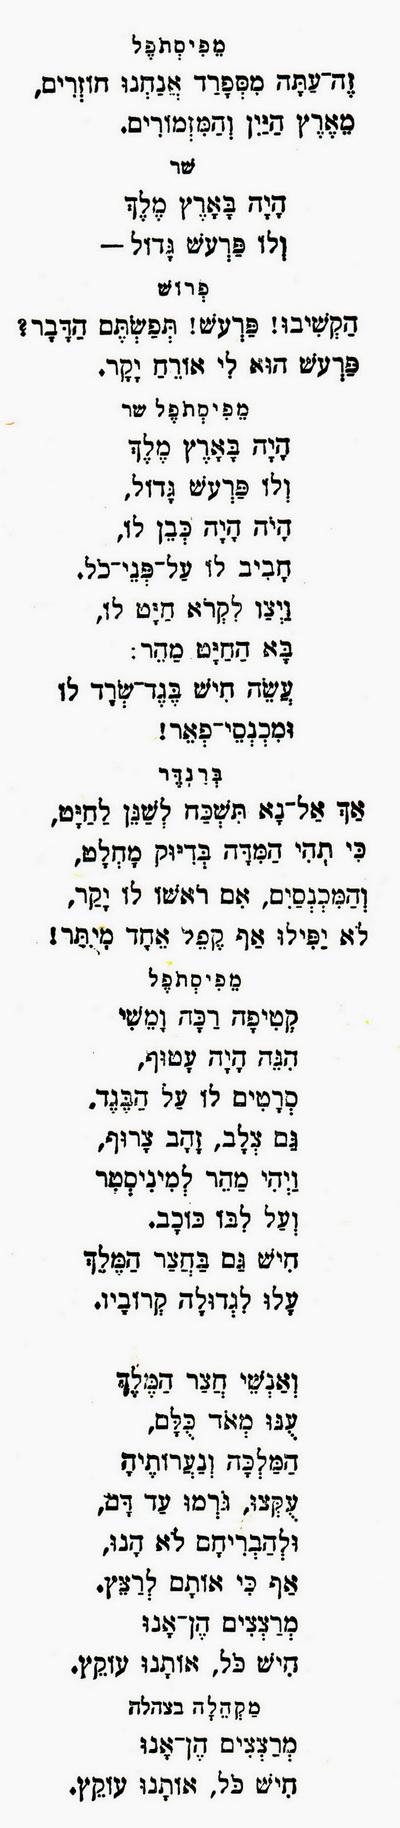 Yaakov-Chohen-1951-aa-bb-400